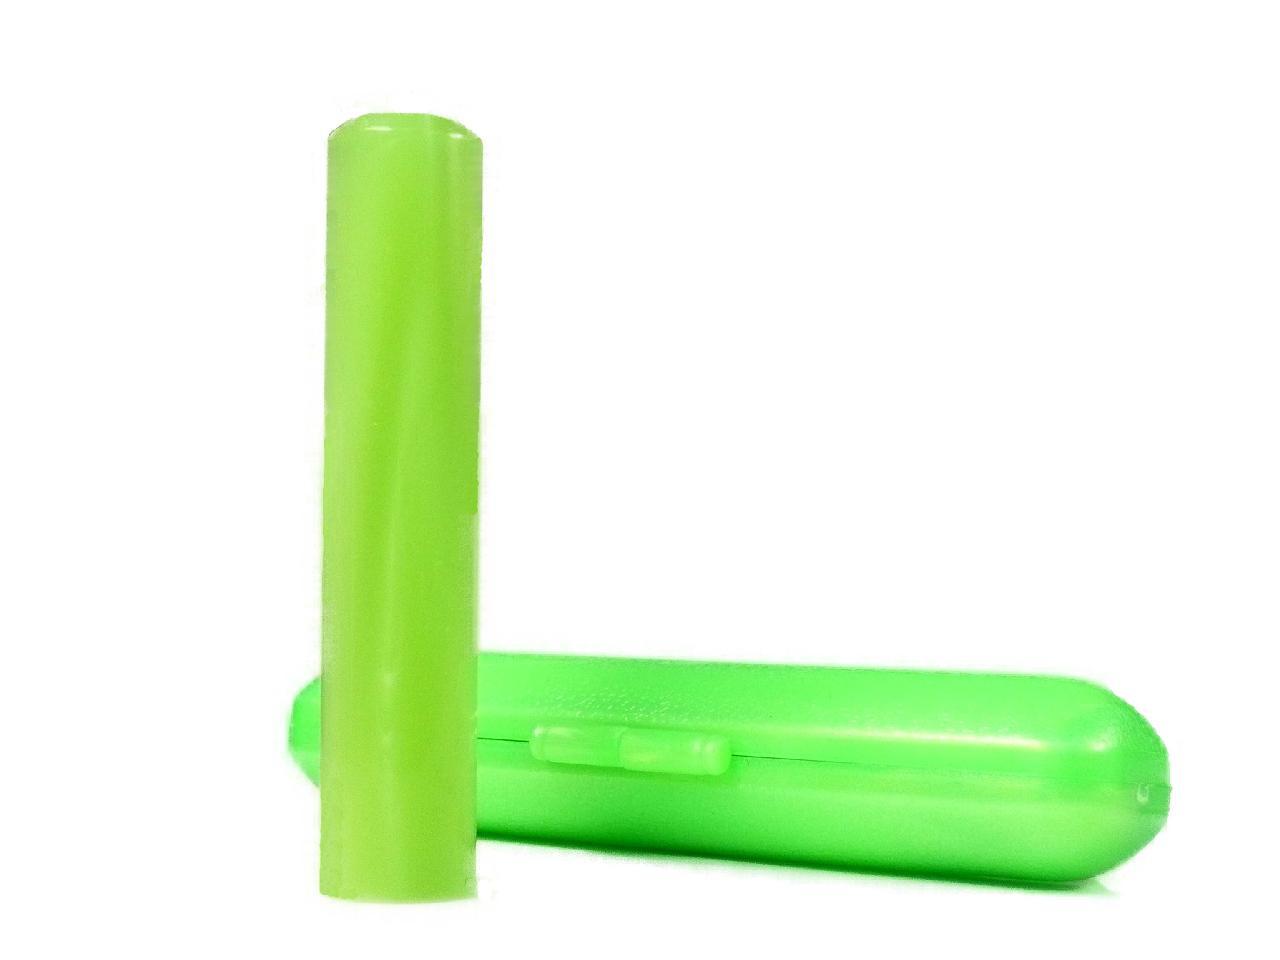 個人用 アクリルパール認印(黄緑)10.5×60mm専用ケース付